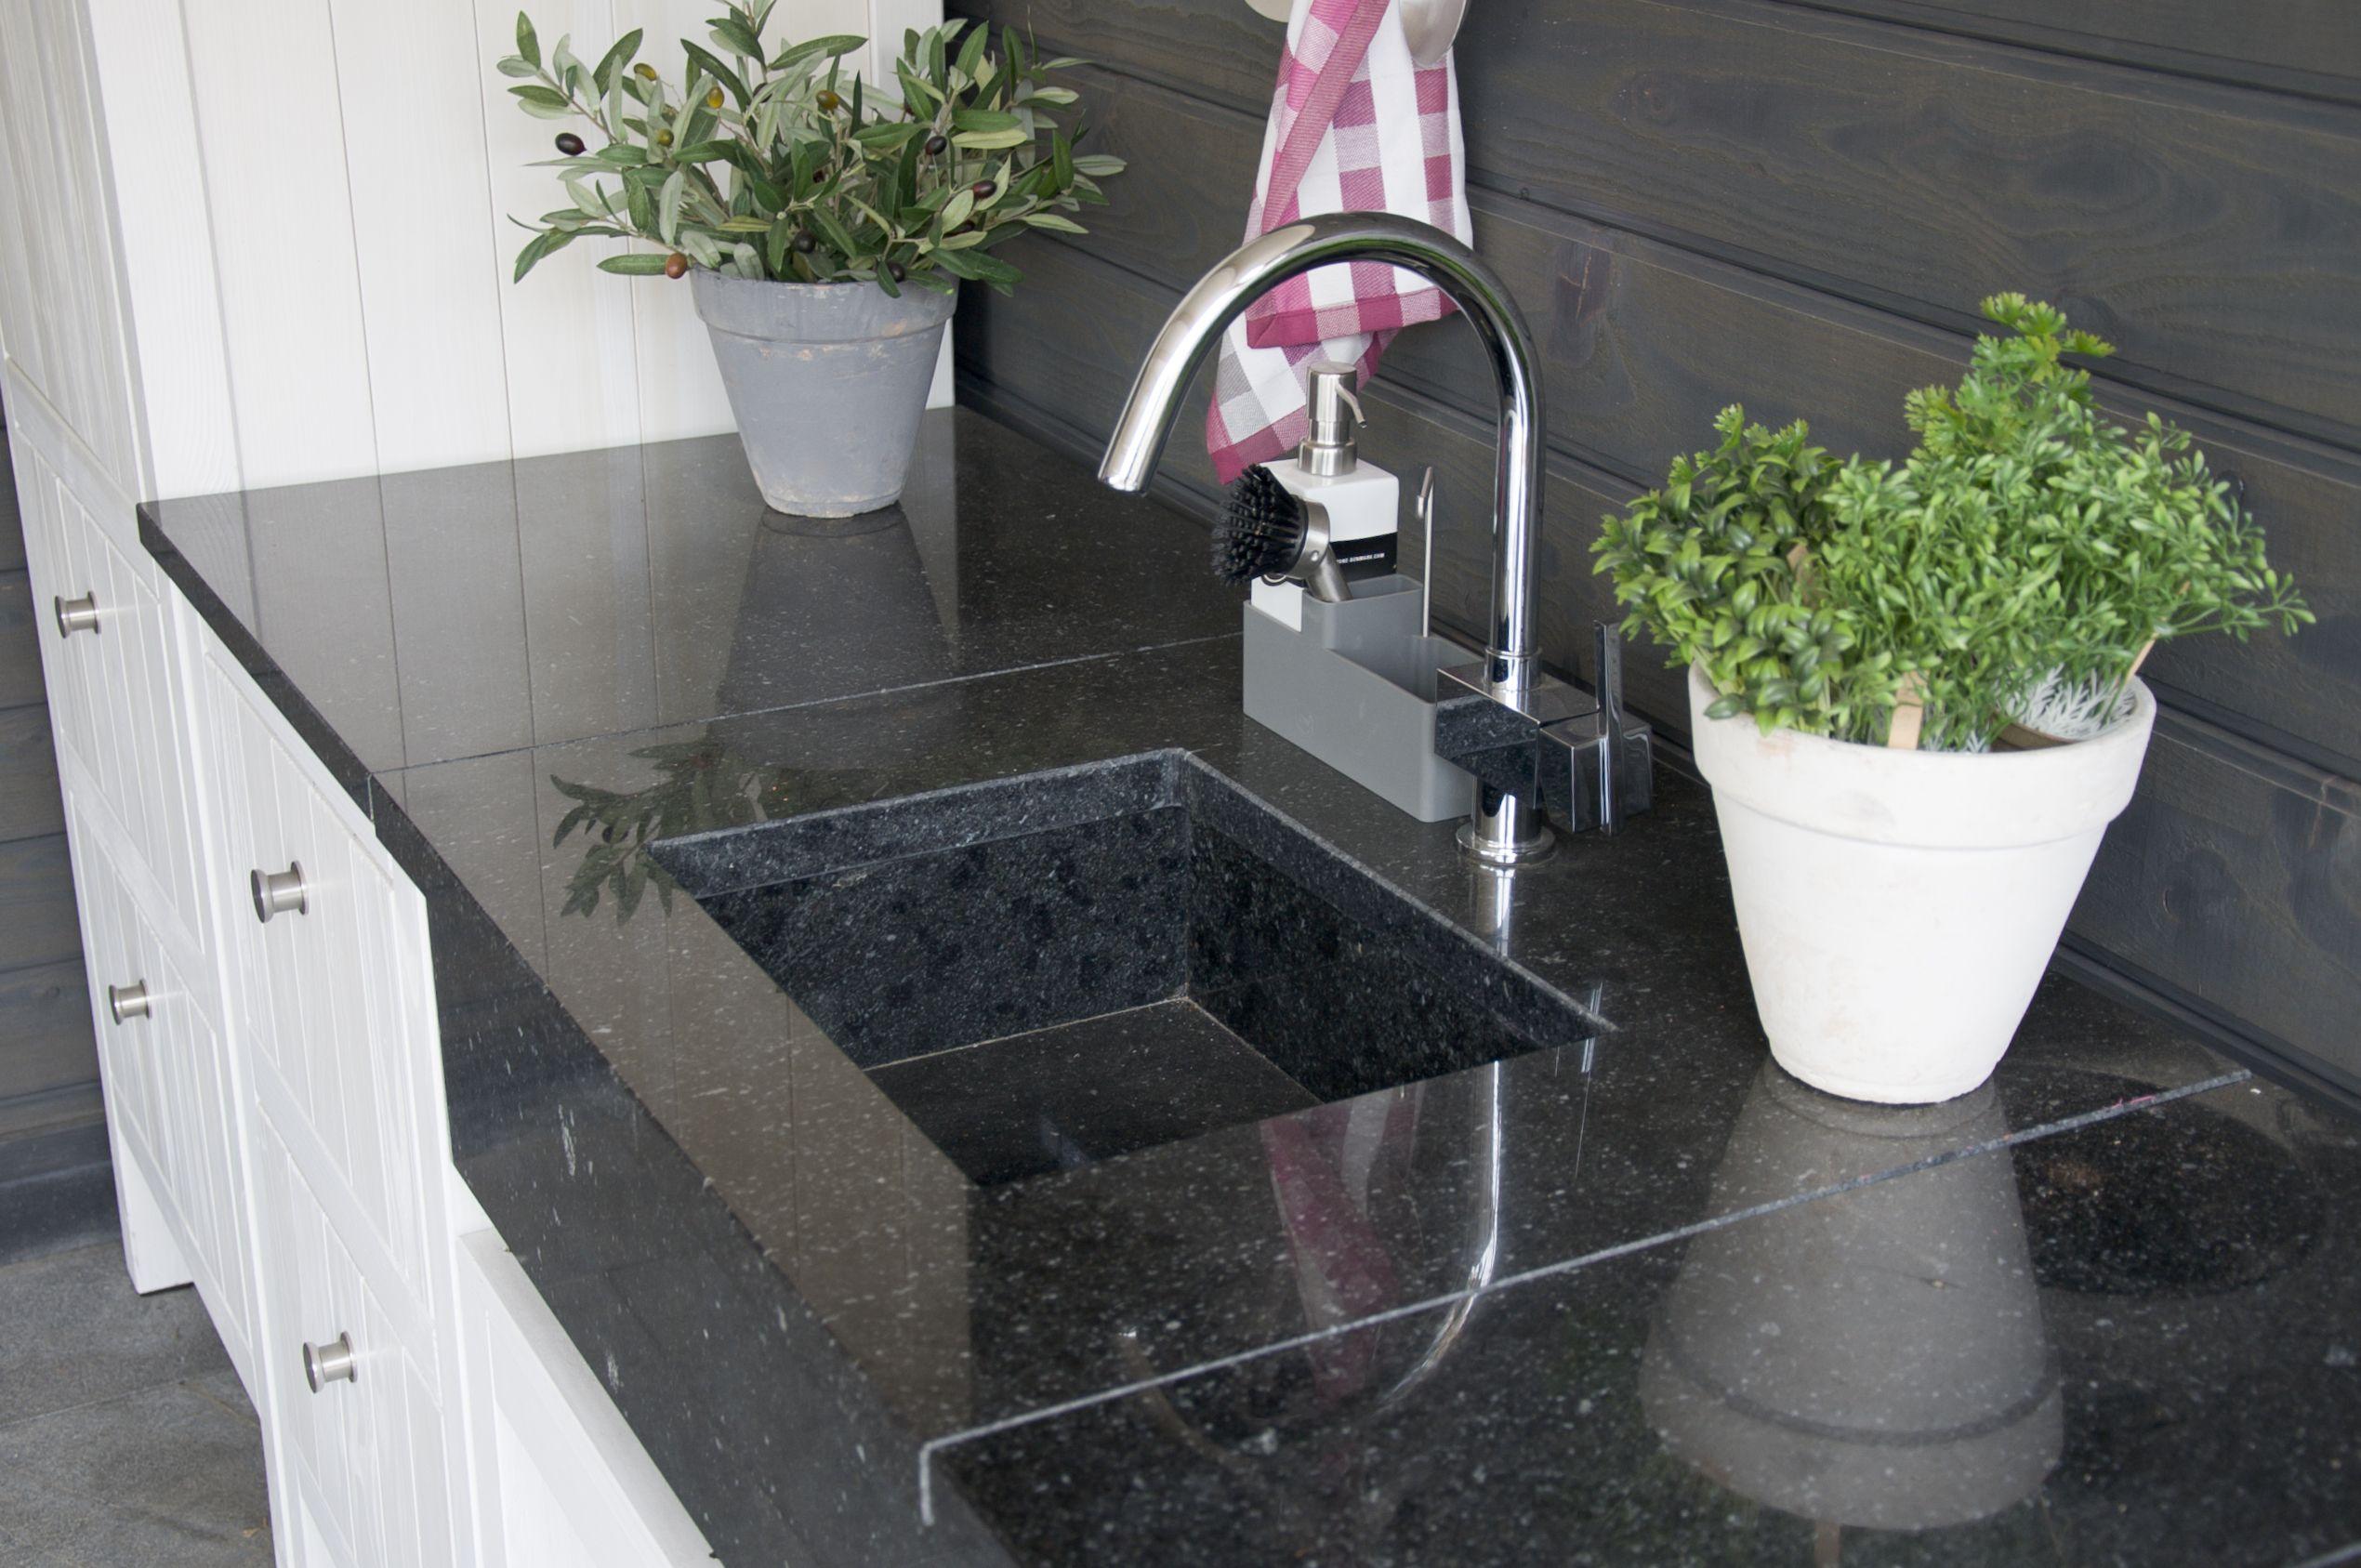 granieten wasbak buitenkeuken aanrecht keukenblad buiten eten